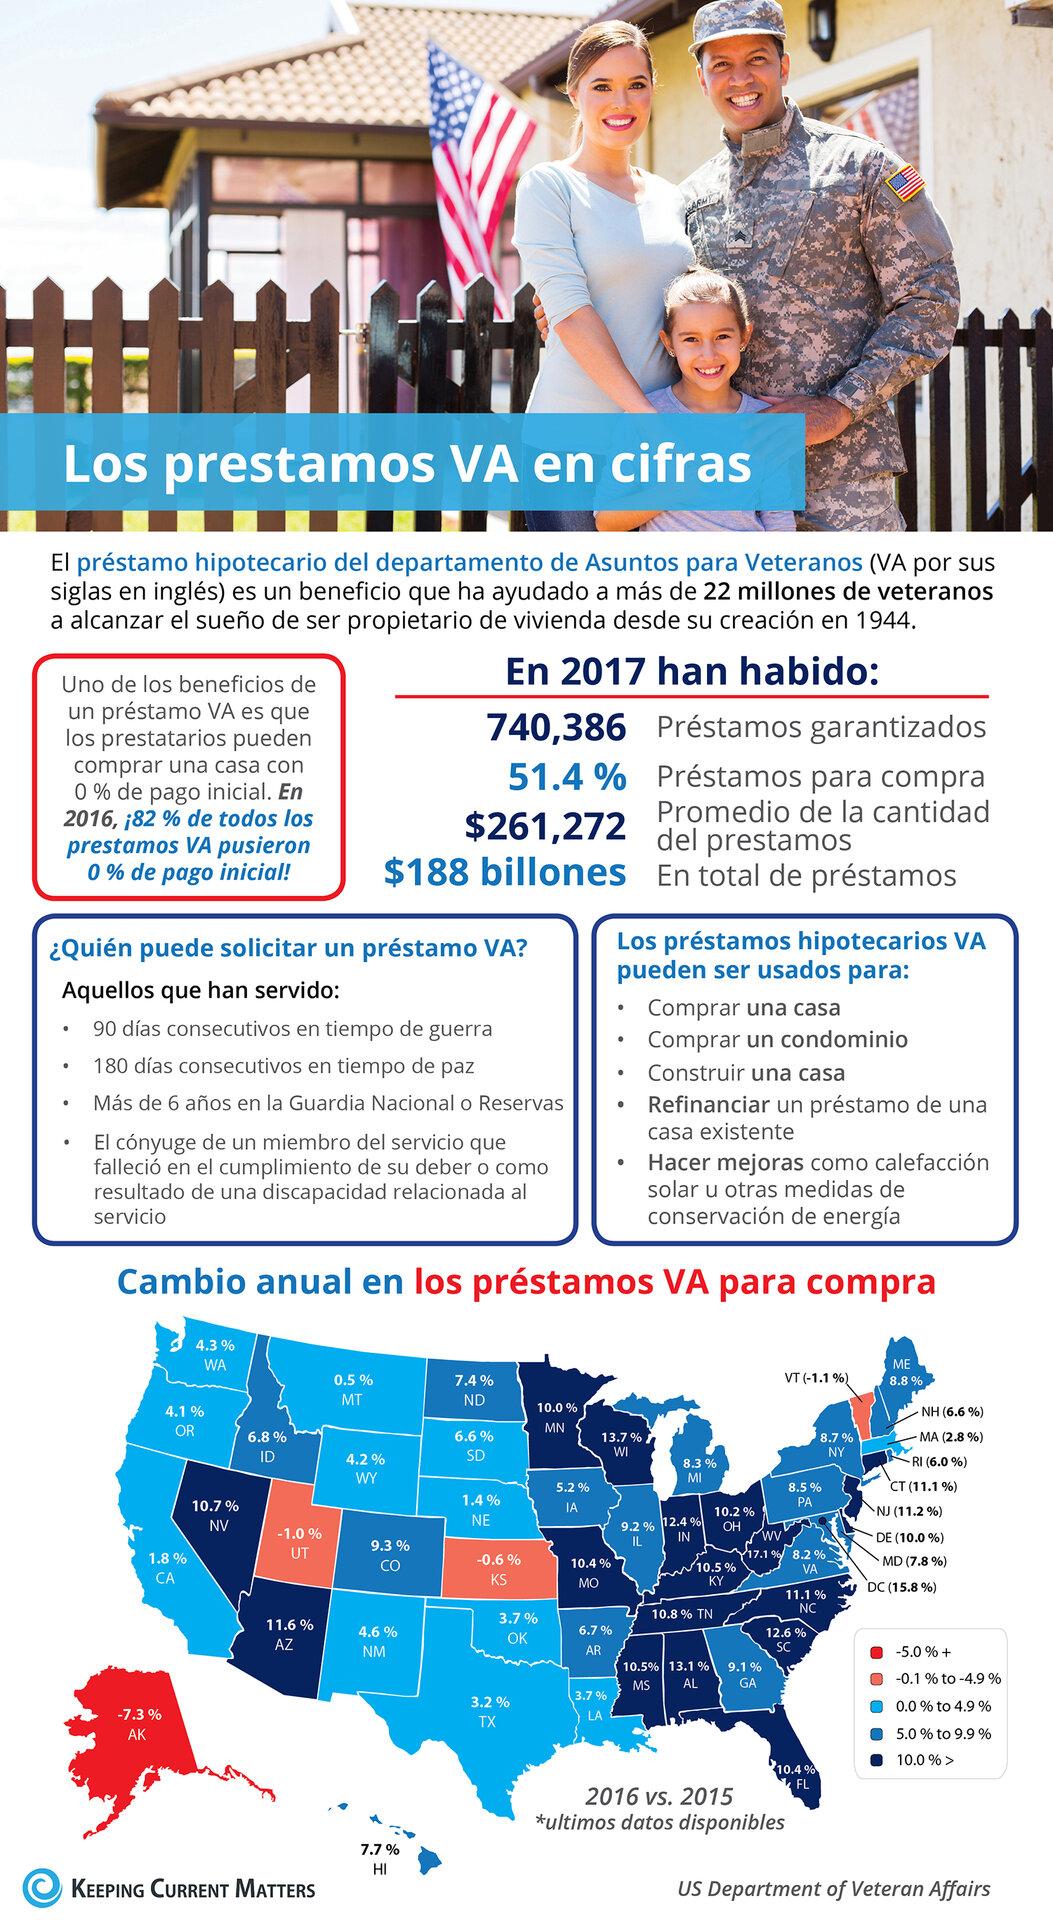 Los préstamos hipotecarios del departamento de Asuntos para Veteranos en cifras [infografía]   Keeping Current Matters